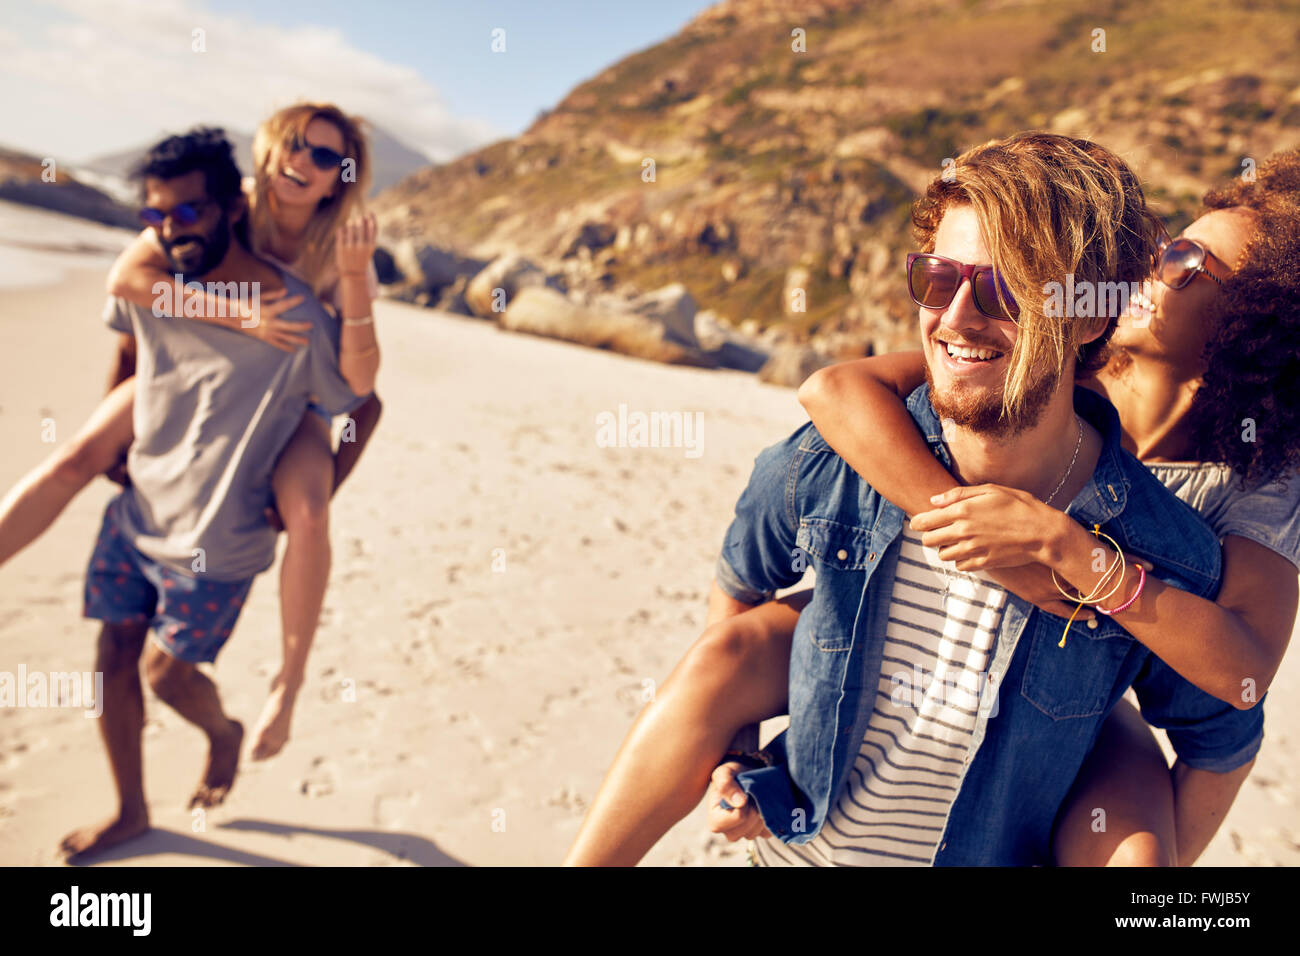 Los hombres jóvenes mujeres sumarse a la orilla del mar. Mestizos jóvenes disfrutando de las vacaciones Imagen De Stock